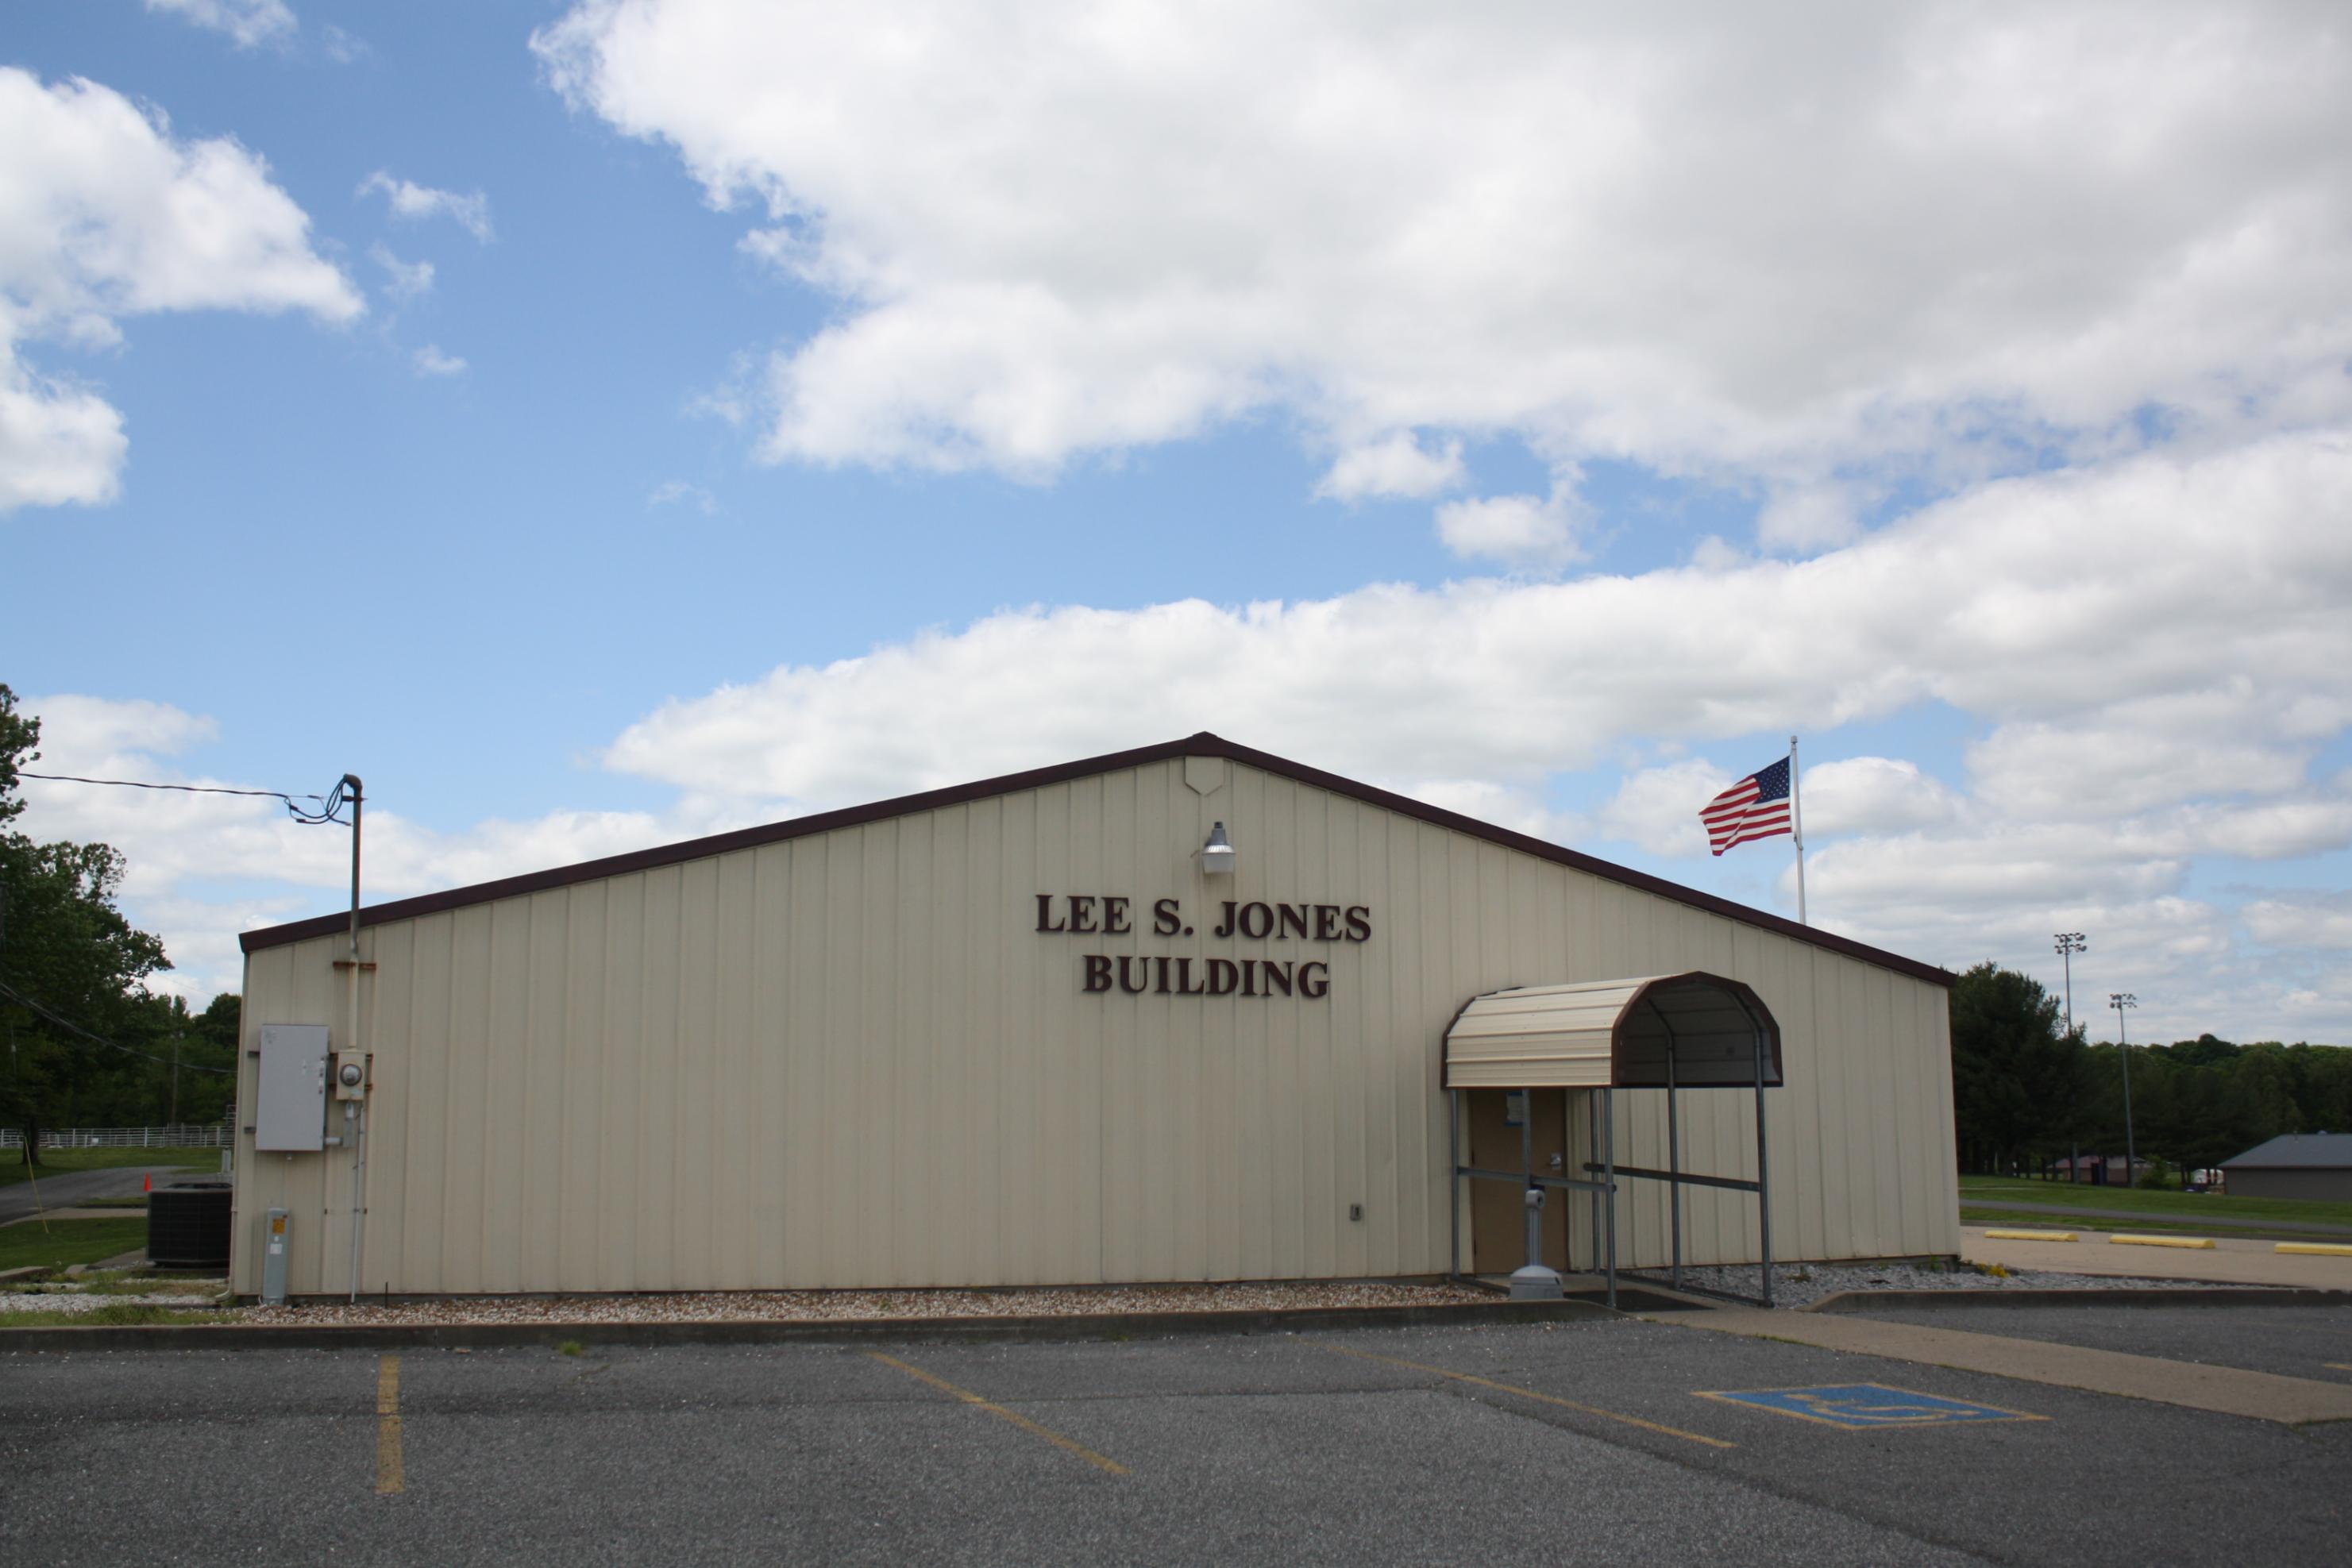 Lee S. Jones Building